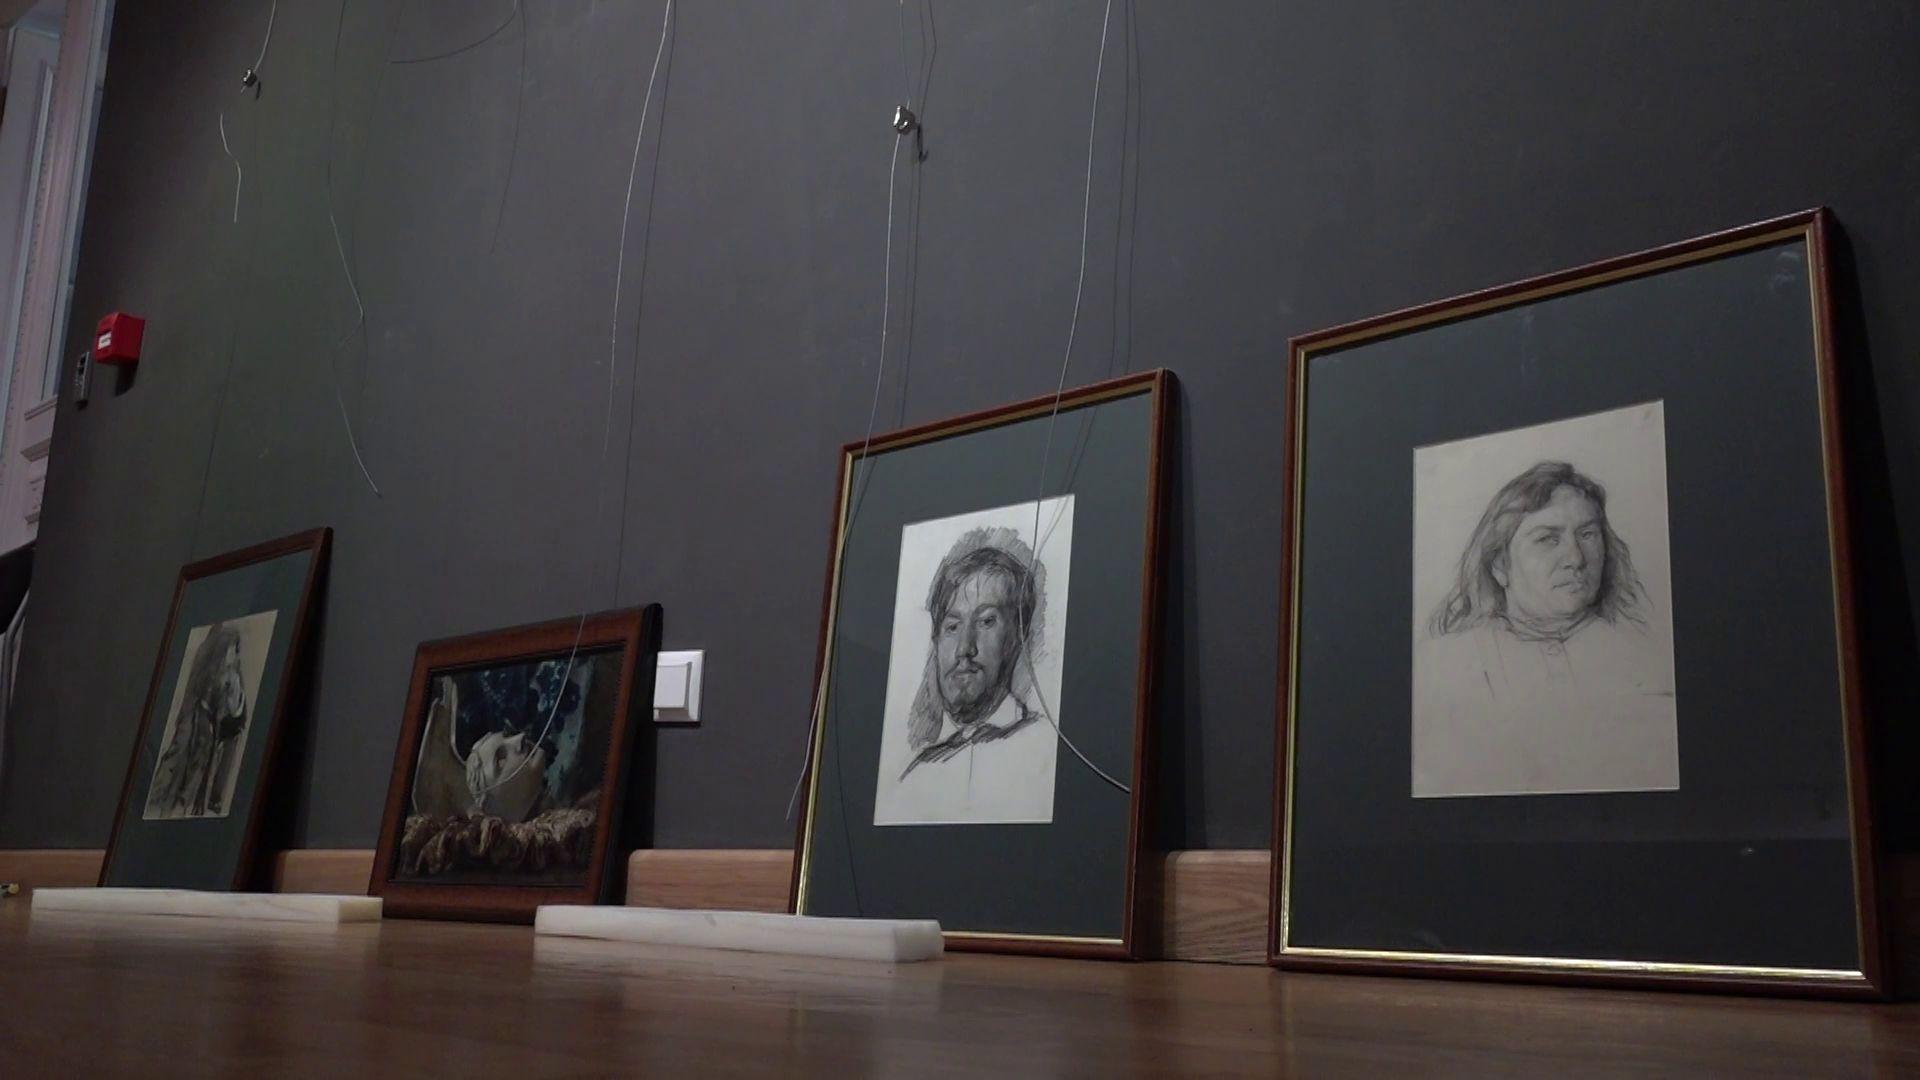 В Ярославле к открытию готовится выставка Валентина Серова из собрания Русского музея